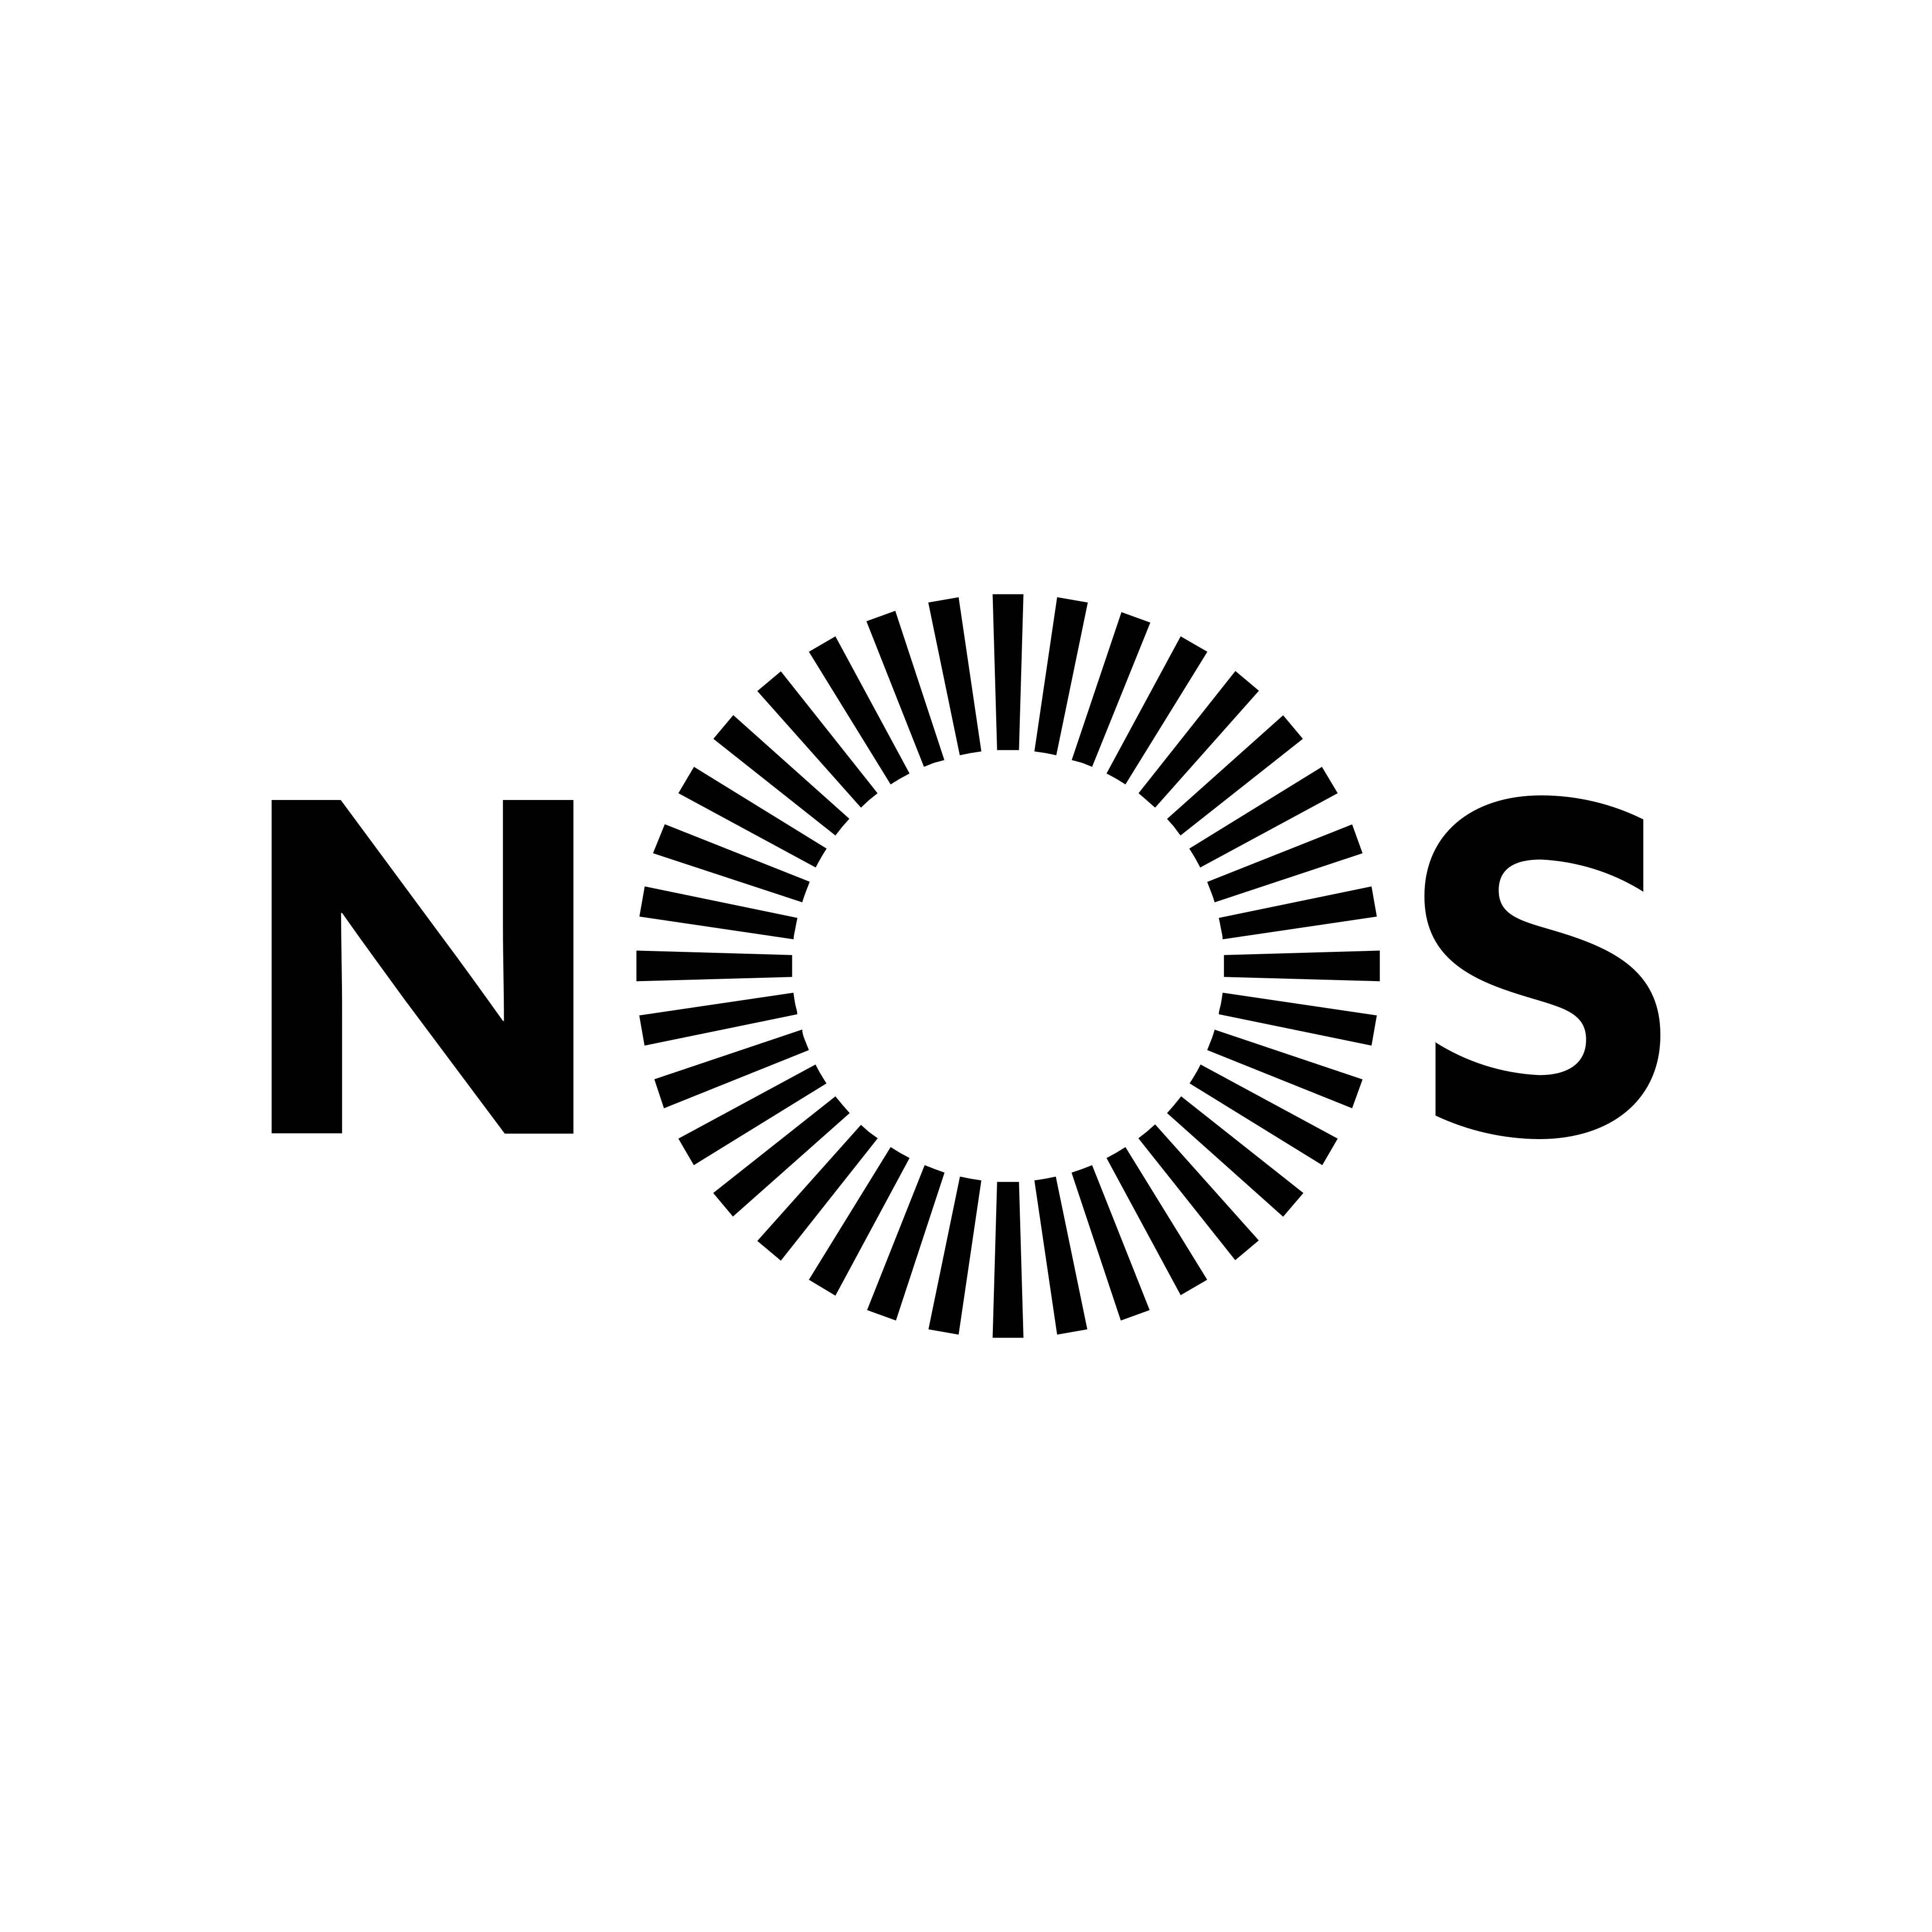 nos logo 0 - NOS Logo